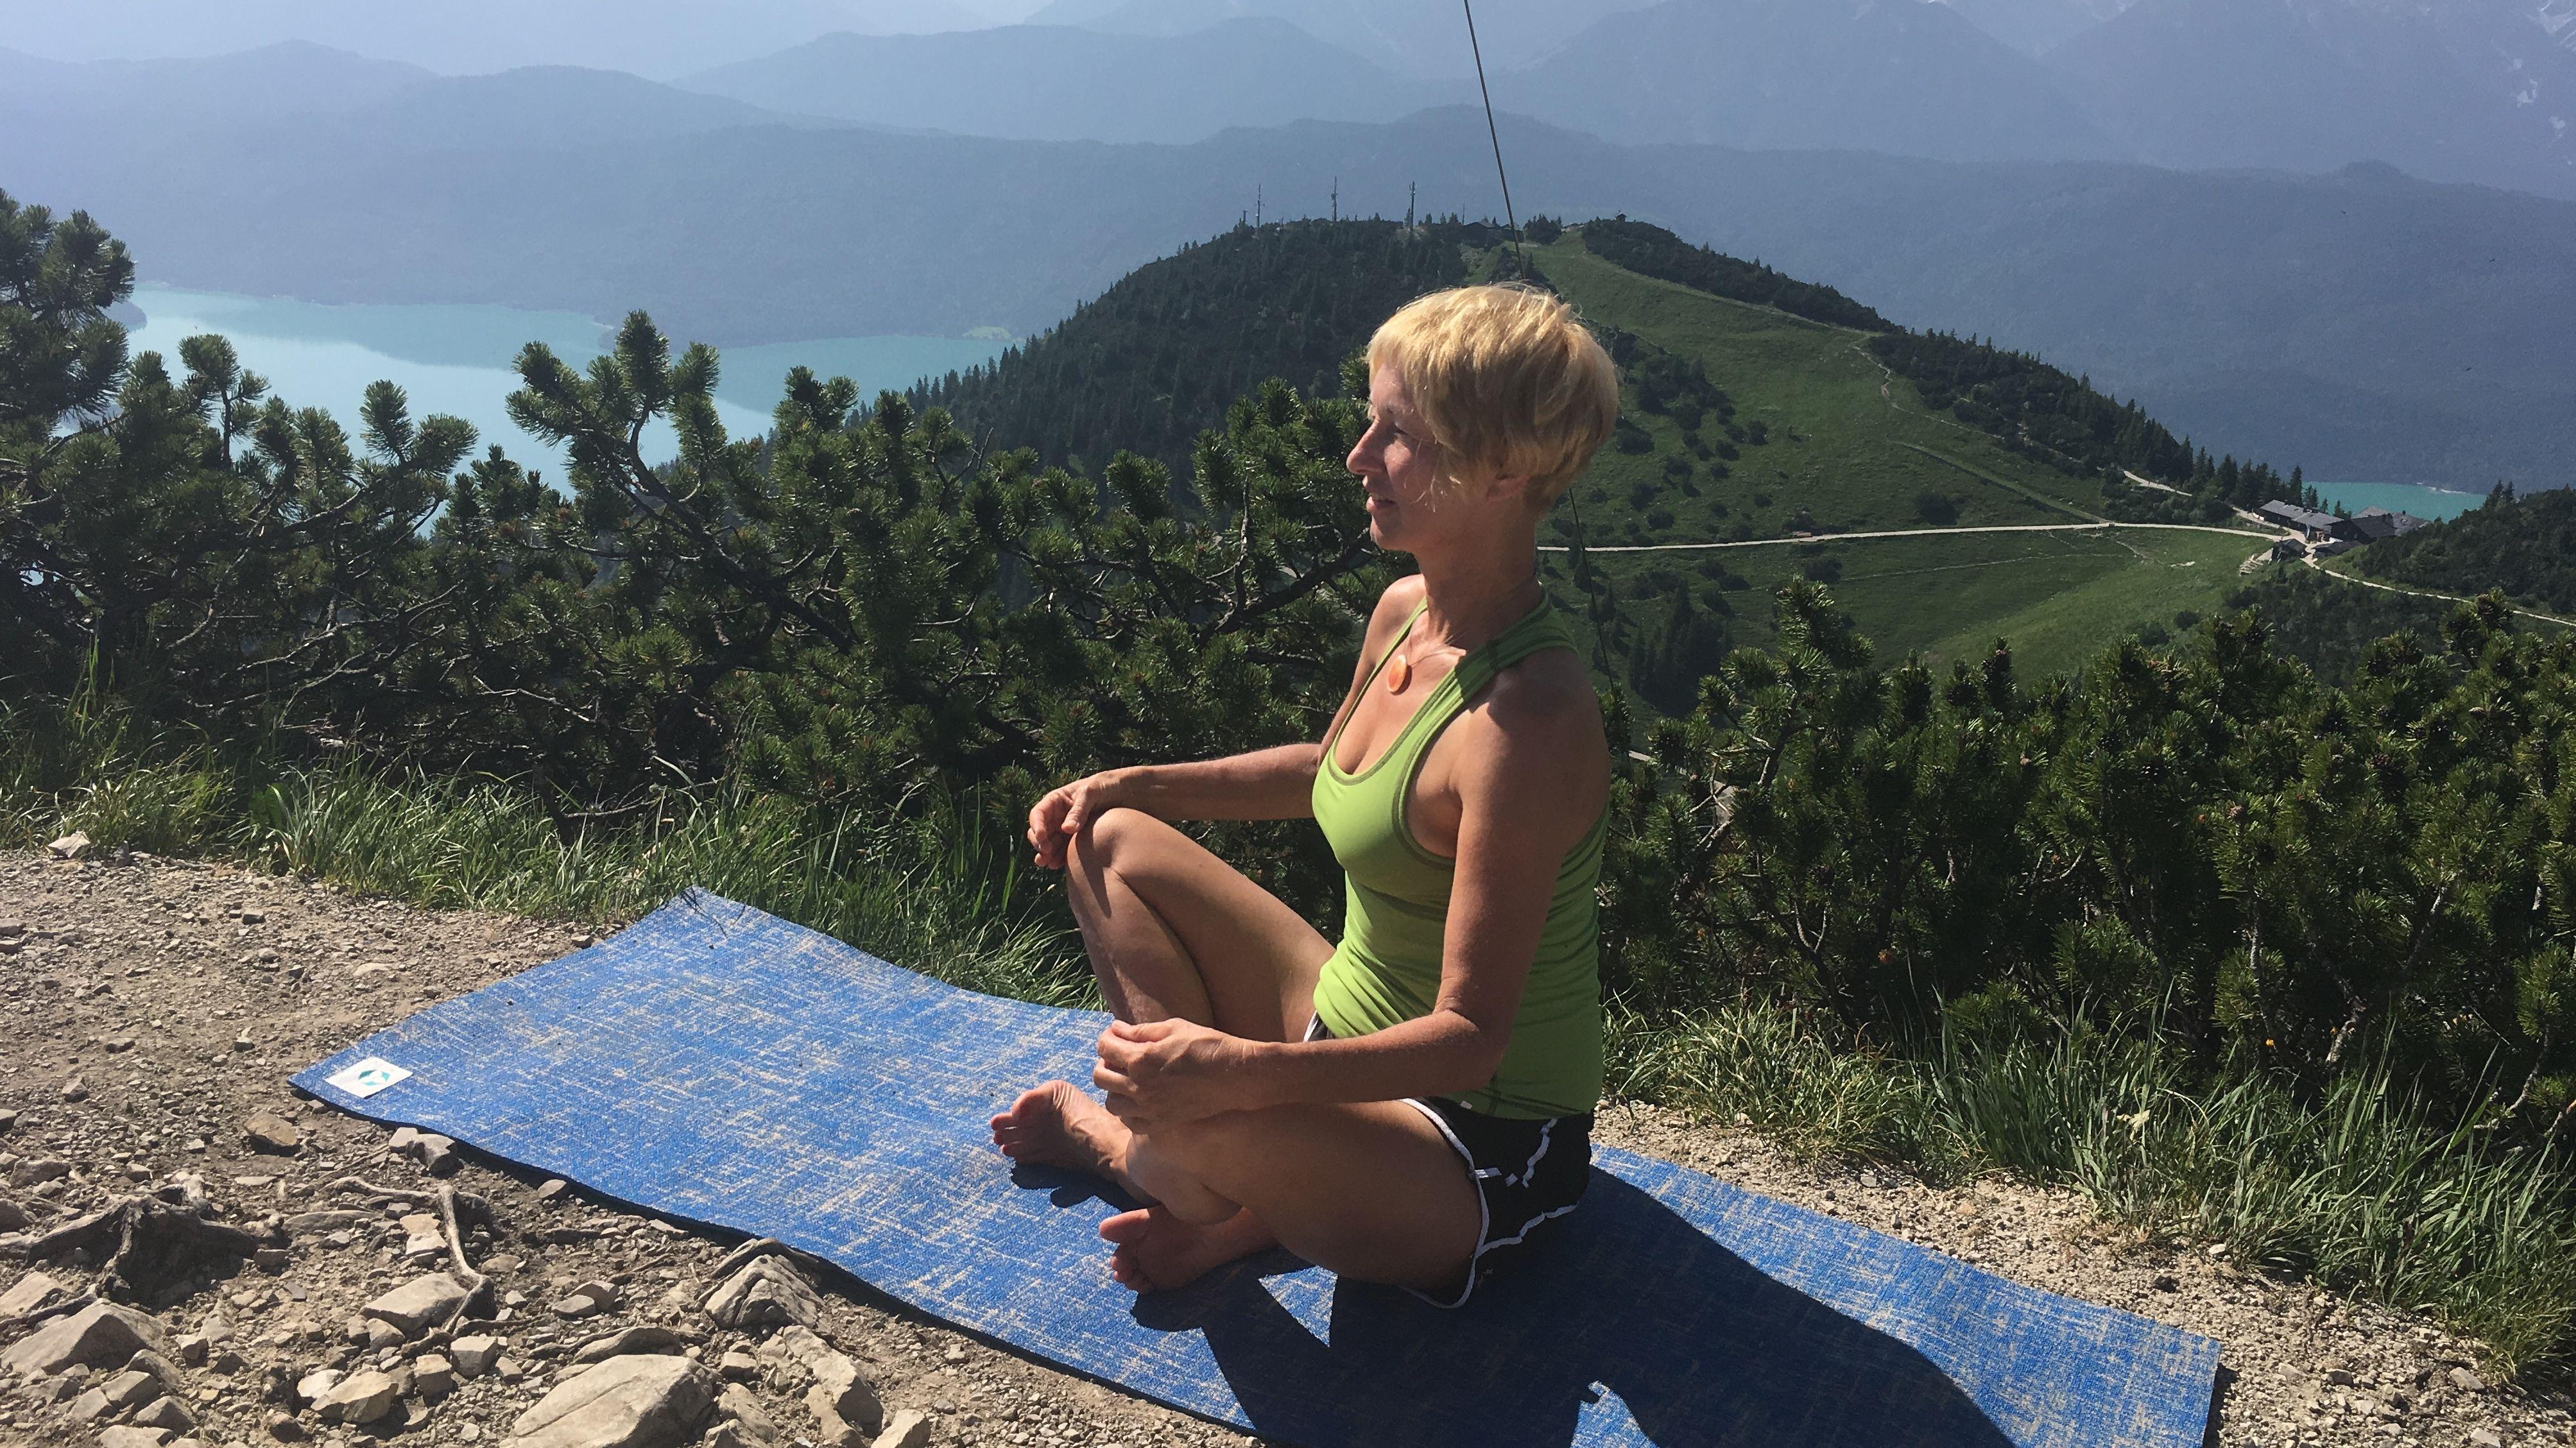 Auf dem Gipfel zur Ruhe und in tiefe Entspannung zu kommen.